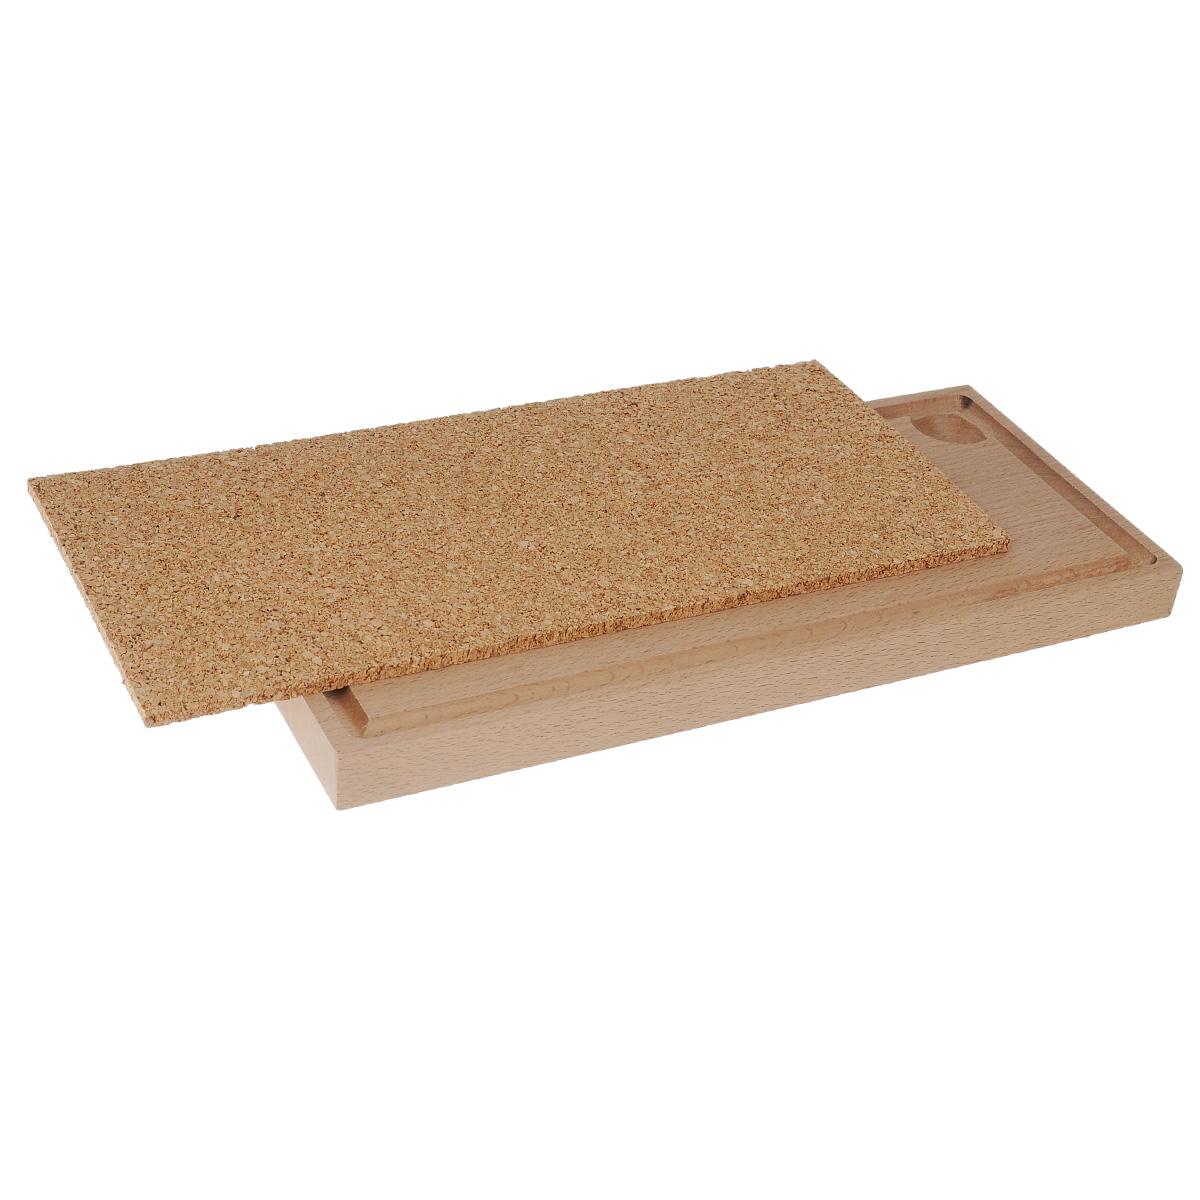 Доска для копчения, 34 см х 15 см х 2,2 см93-PIC-73-1Доска предназначена для копчения. На ней удобно готовить рыбу, мясо, птицу. Выполнена из бука с подставкой из пробкового дерева. Нет необходимости перекладывать в блюдо, можно подавать сразу на доске. Пробковая доска используется как подставка под горячее.Способ применения: перед первым использованием смазать доску оливковым маслом. Поместить доску в печь с температурой 100°С на два часа. Удалить с доски избыток масла. Бук, пробковое дерево